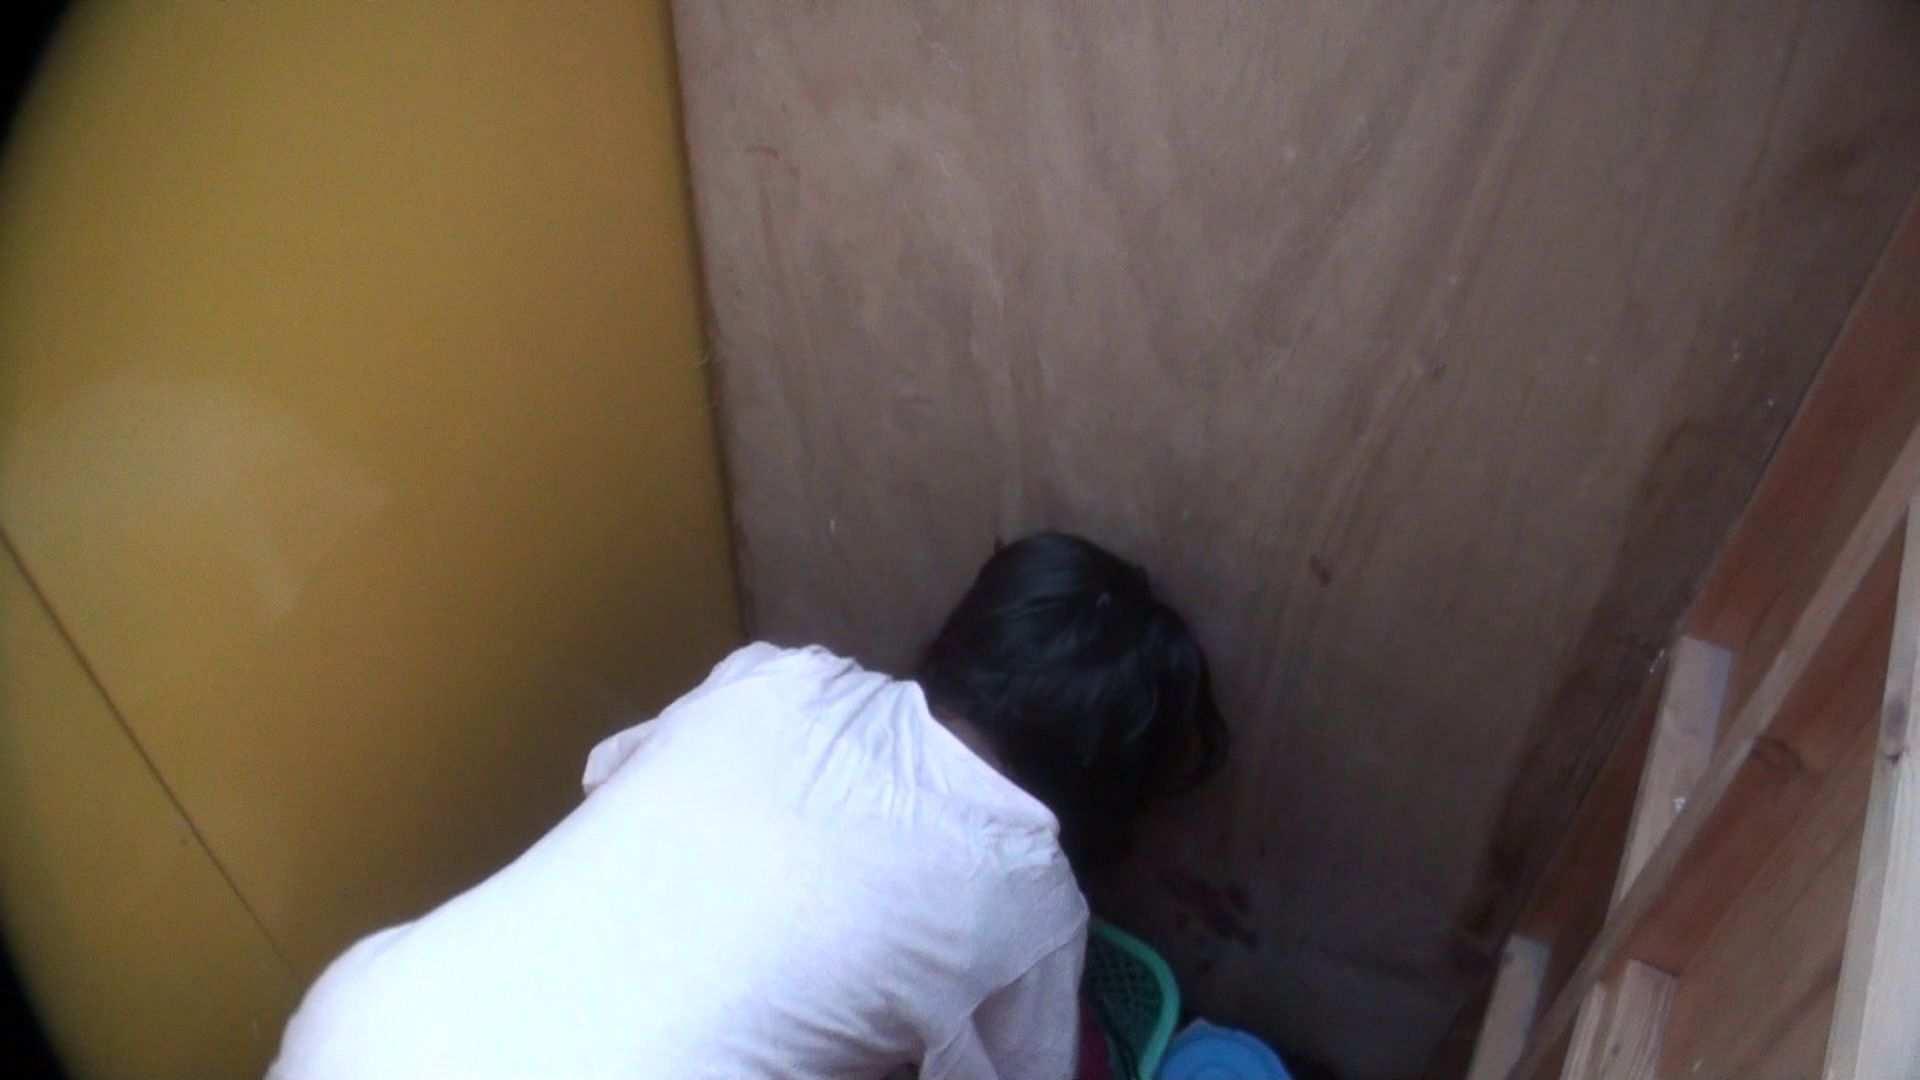 シャワールームは超!!危険な香りVol.13 ムッチムチのいやらしい身体つき シャワー  111pic 26